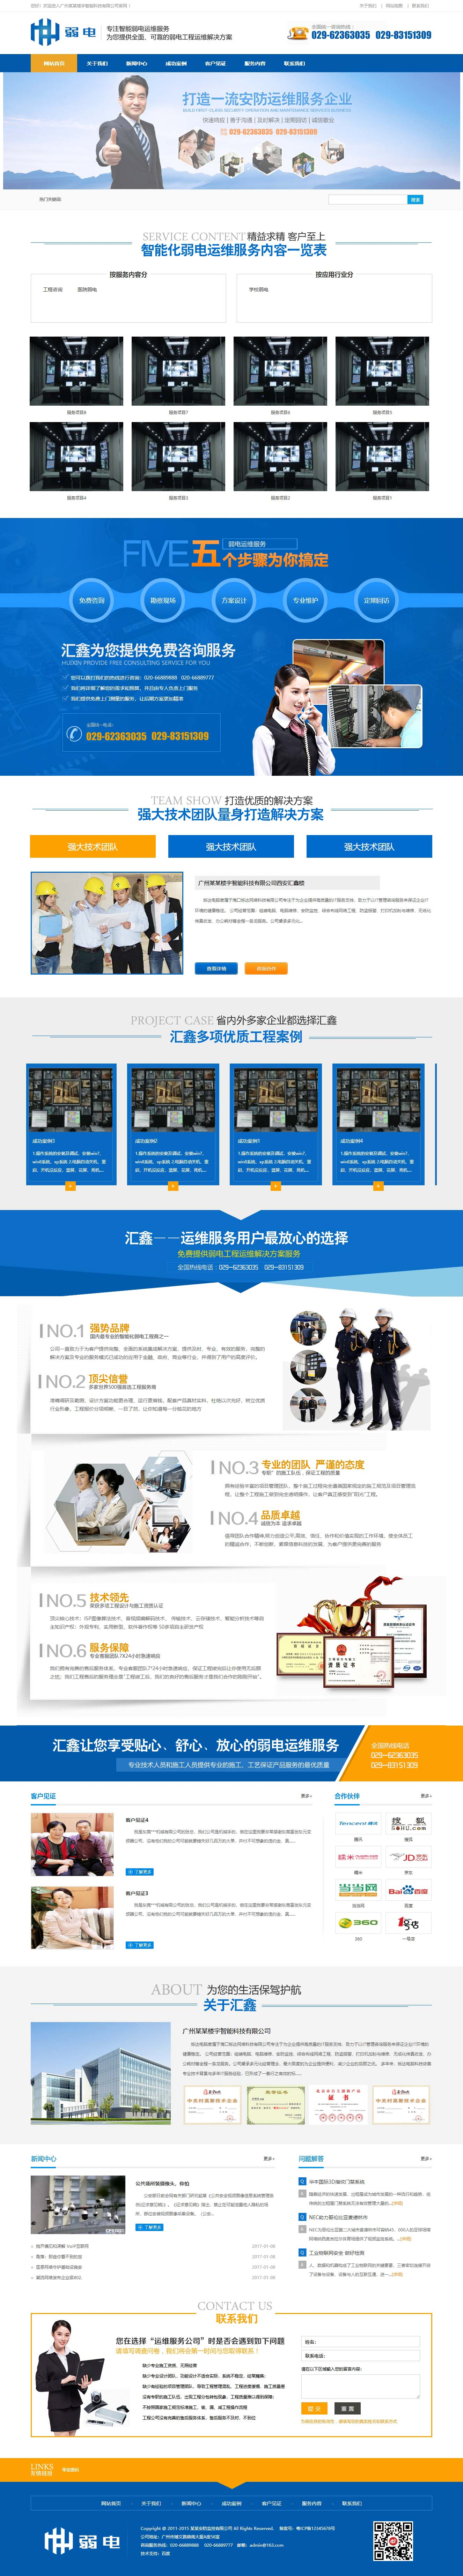 营销型安防监控楼宇智能科技类网站织梦dedecms模板(带手机端)